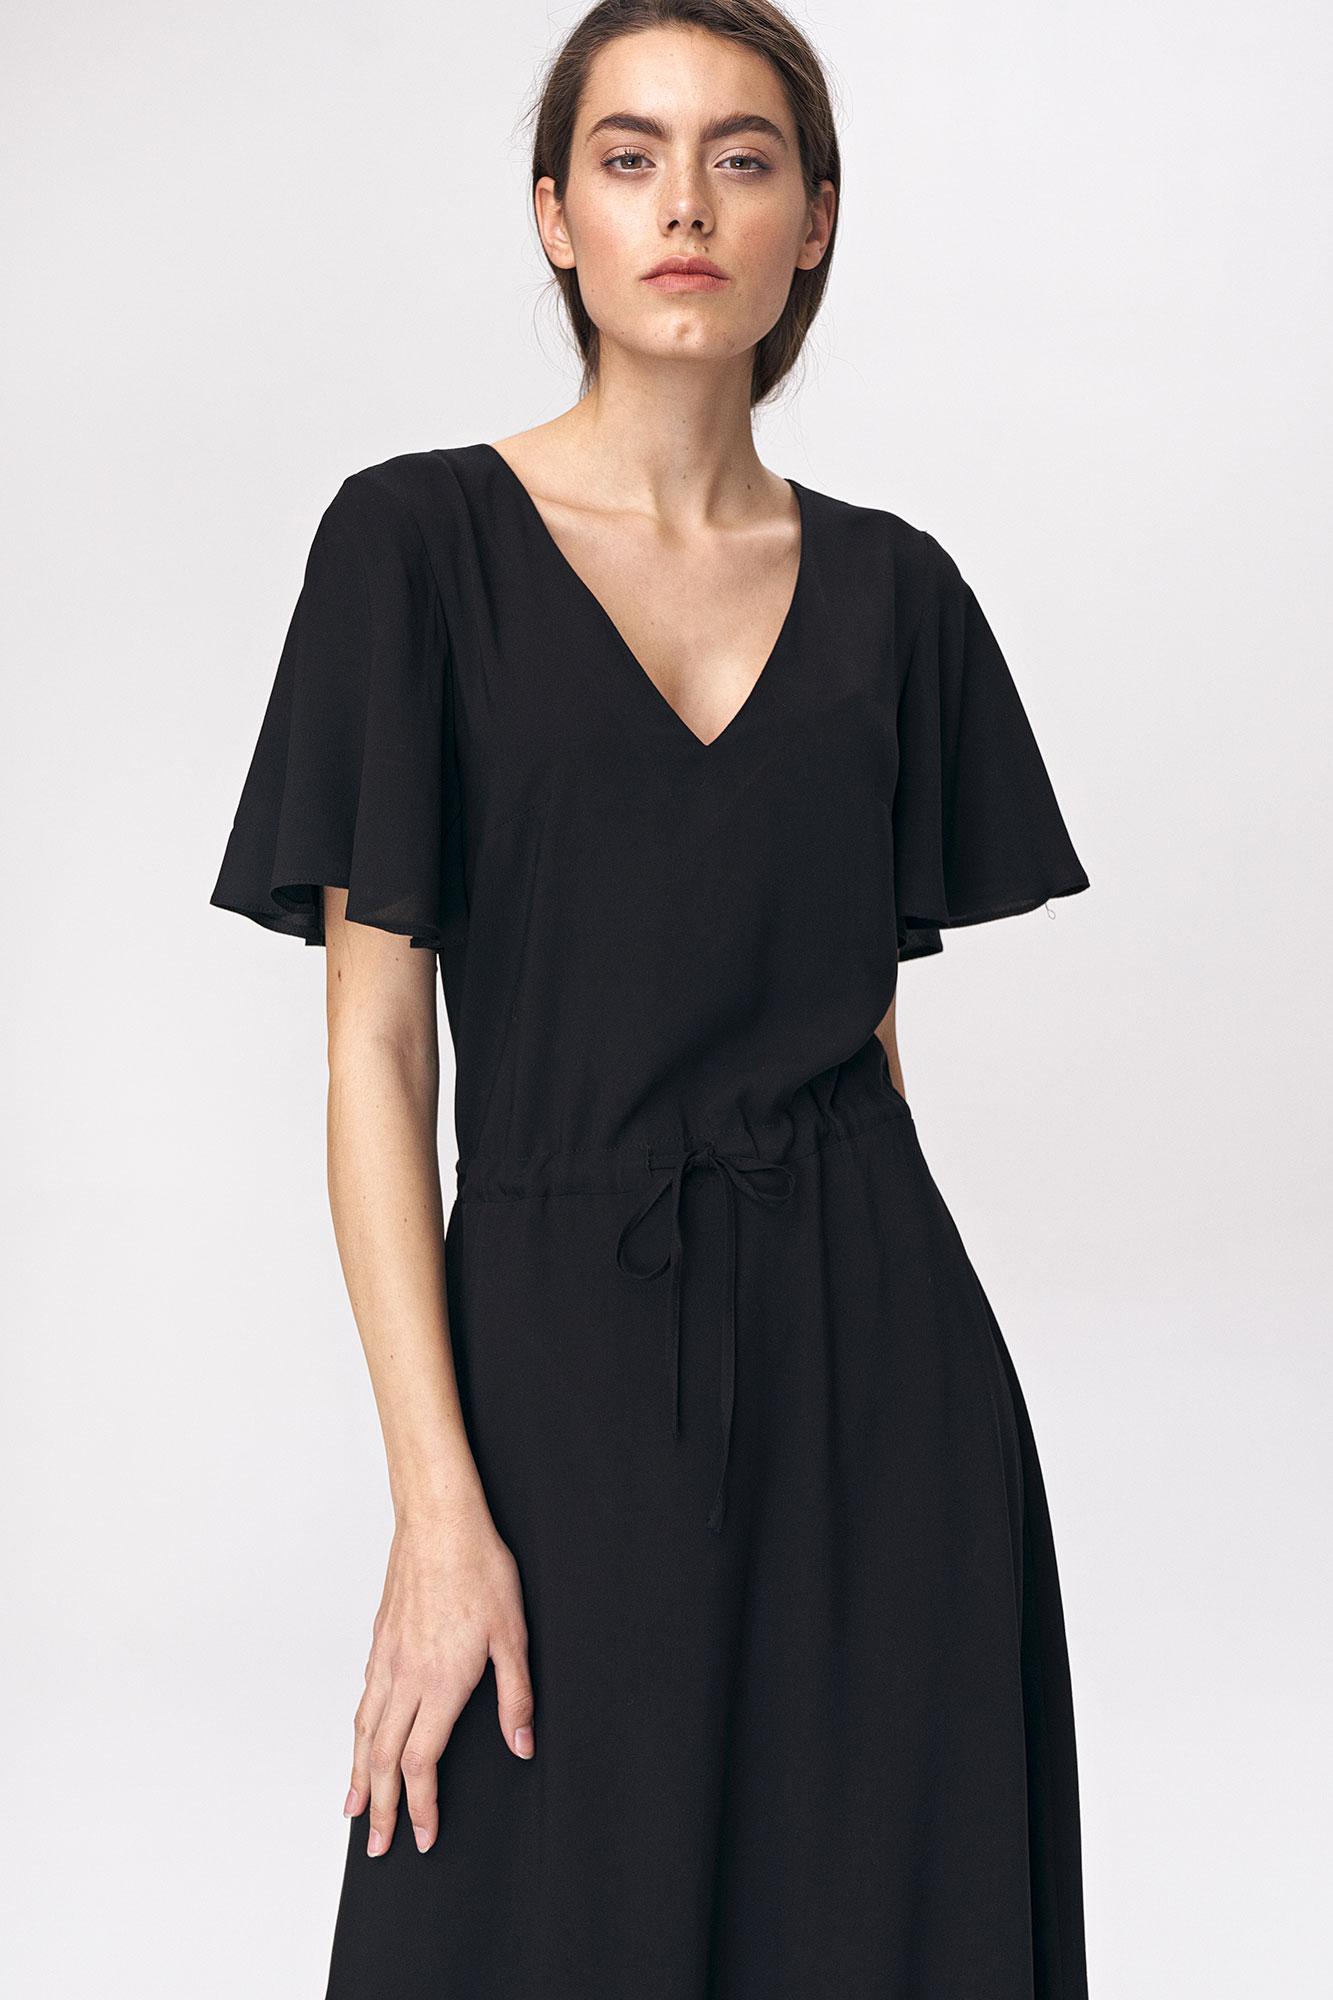 Nife - Czarna sukienka maxi z rozkloszowanym rękawem 2